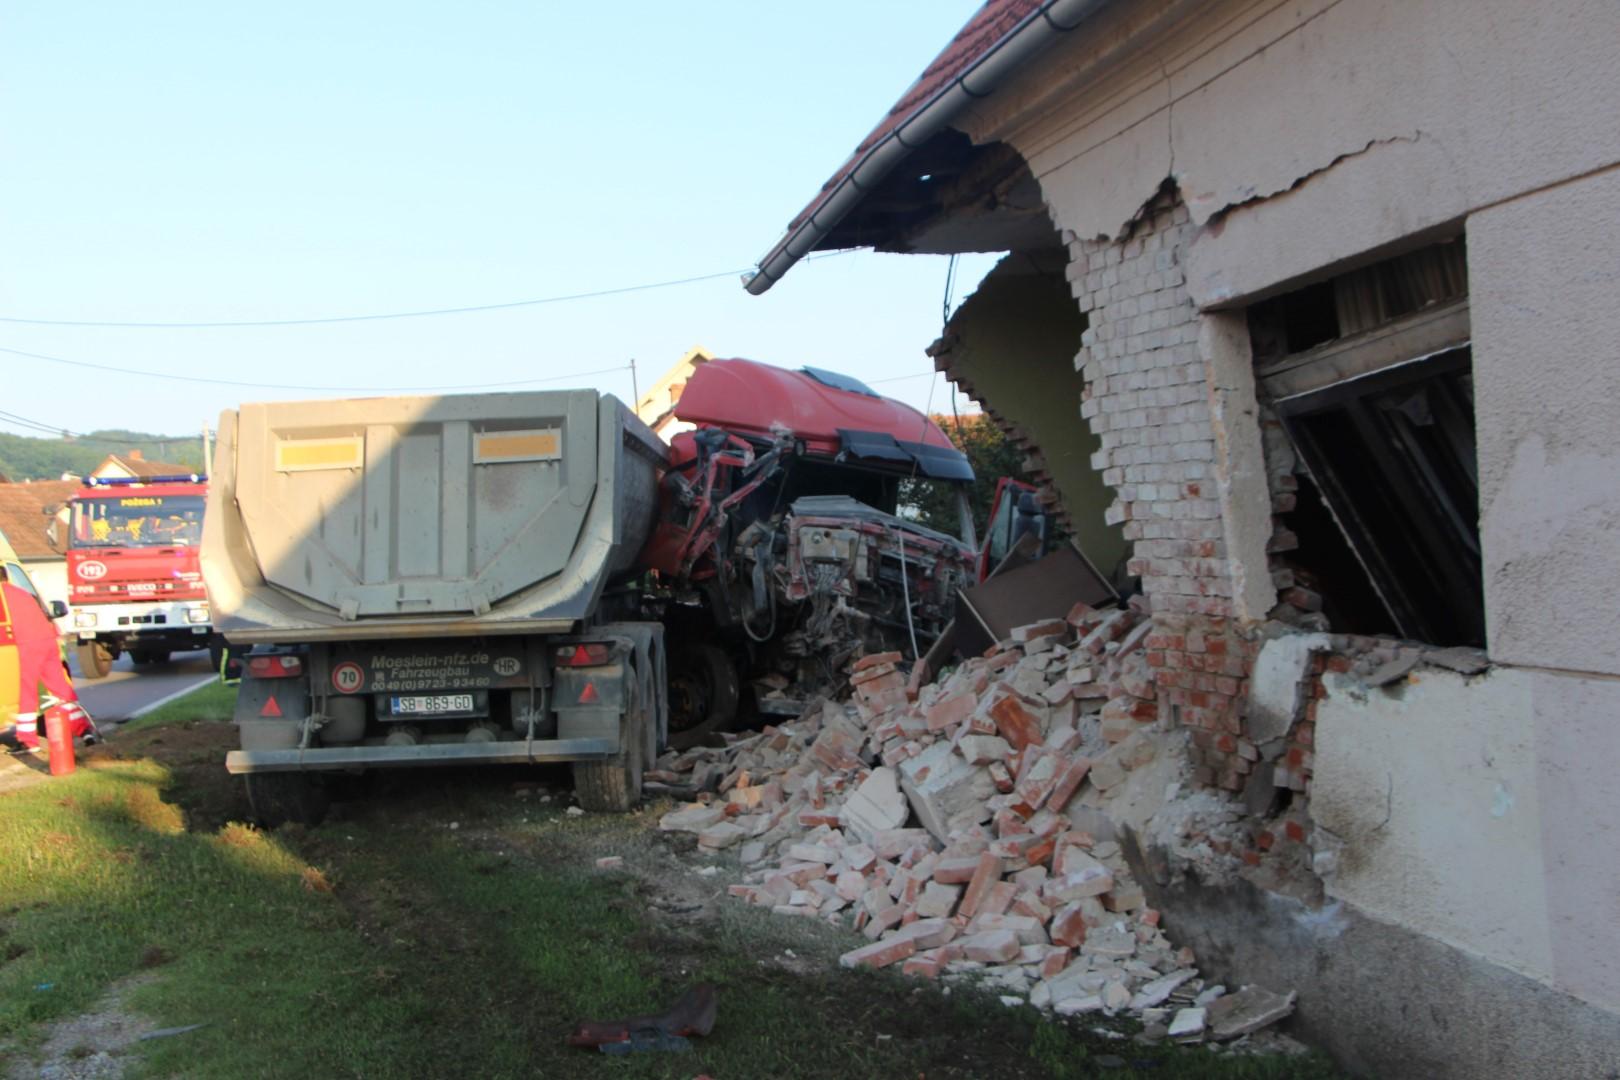 Kamion slavonskobrodskih registracija sletio s ceste i srušio gotovo cijelu kuću